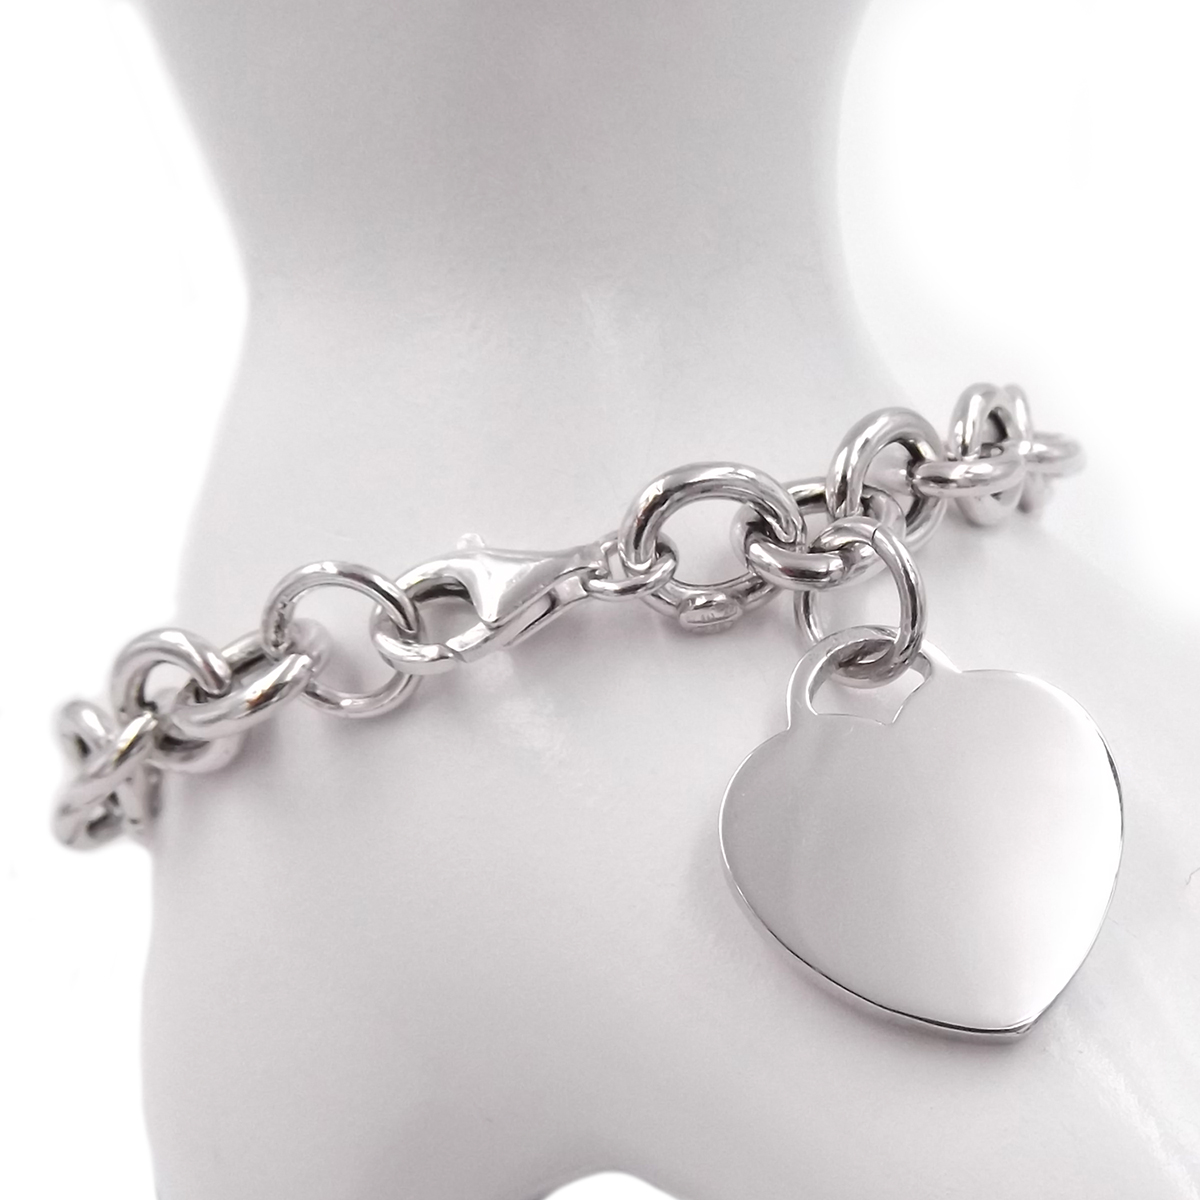 prezzo ridotto una grande varietà di modelli sito autorizzato Dettagli su Bracciale CUORE in argento 925 braccialetto donna catena con  ciondolo pendente